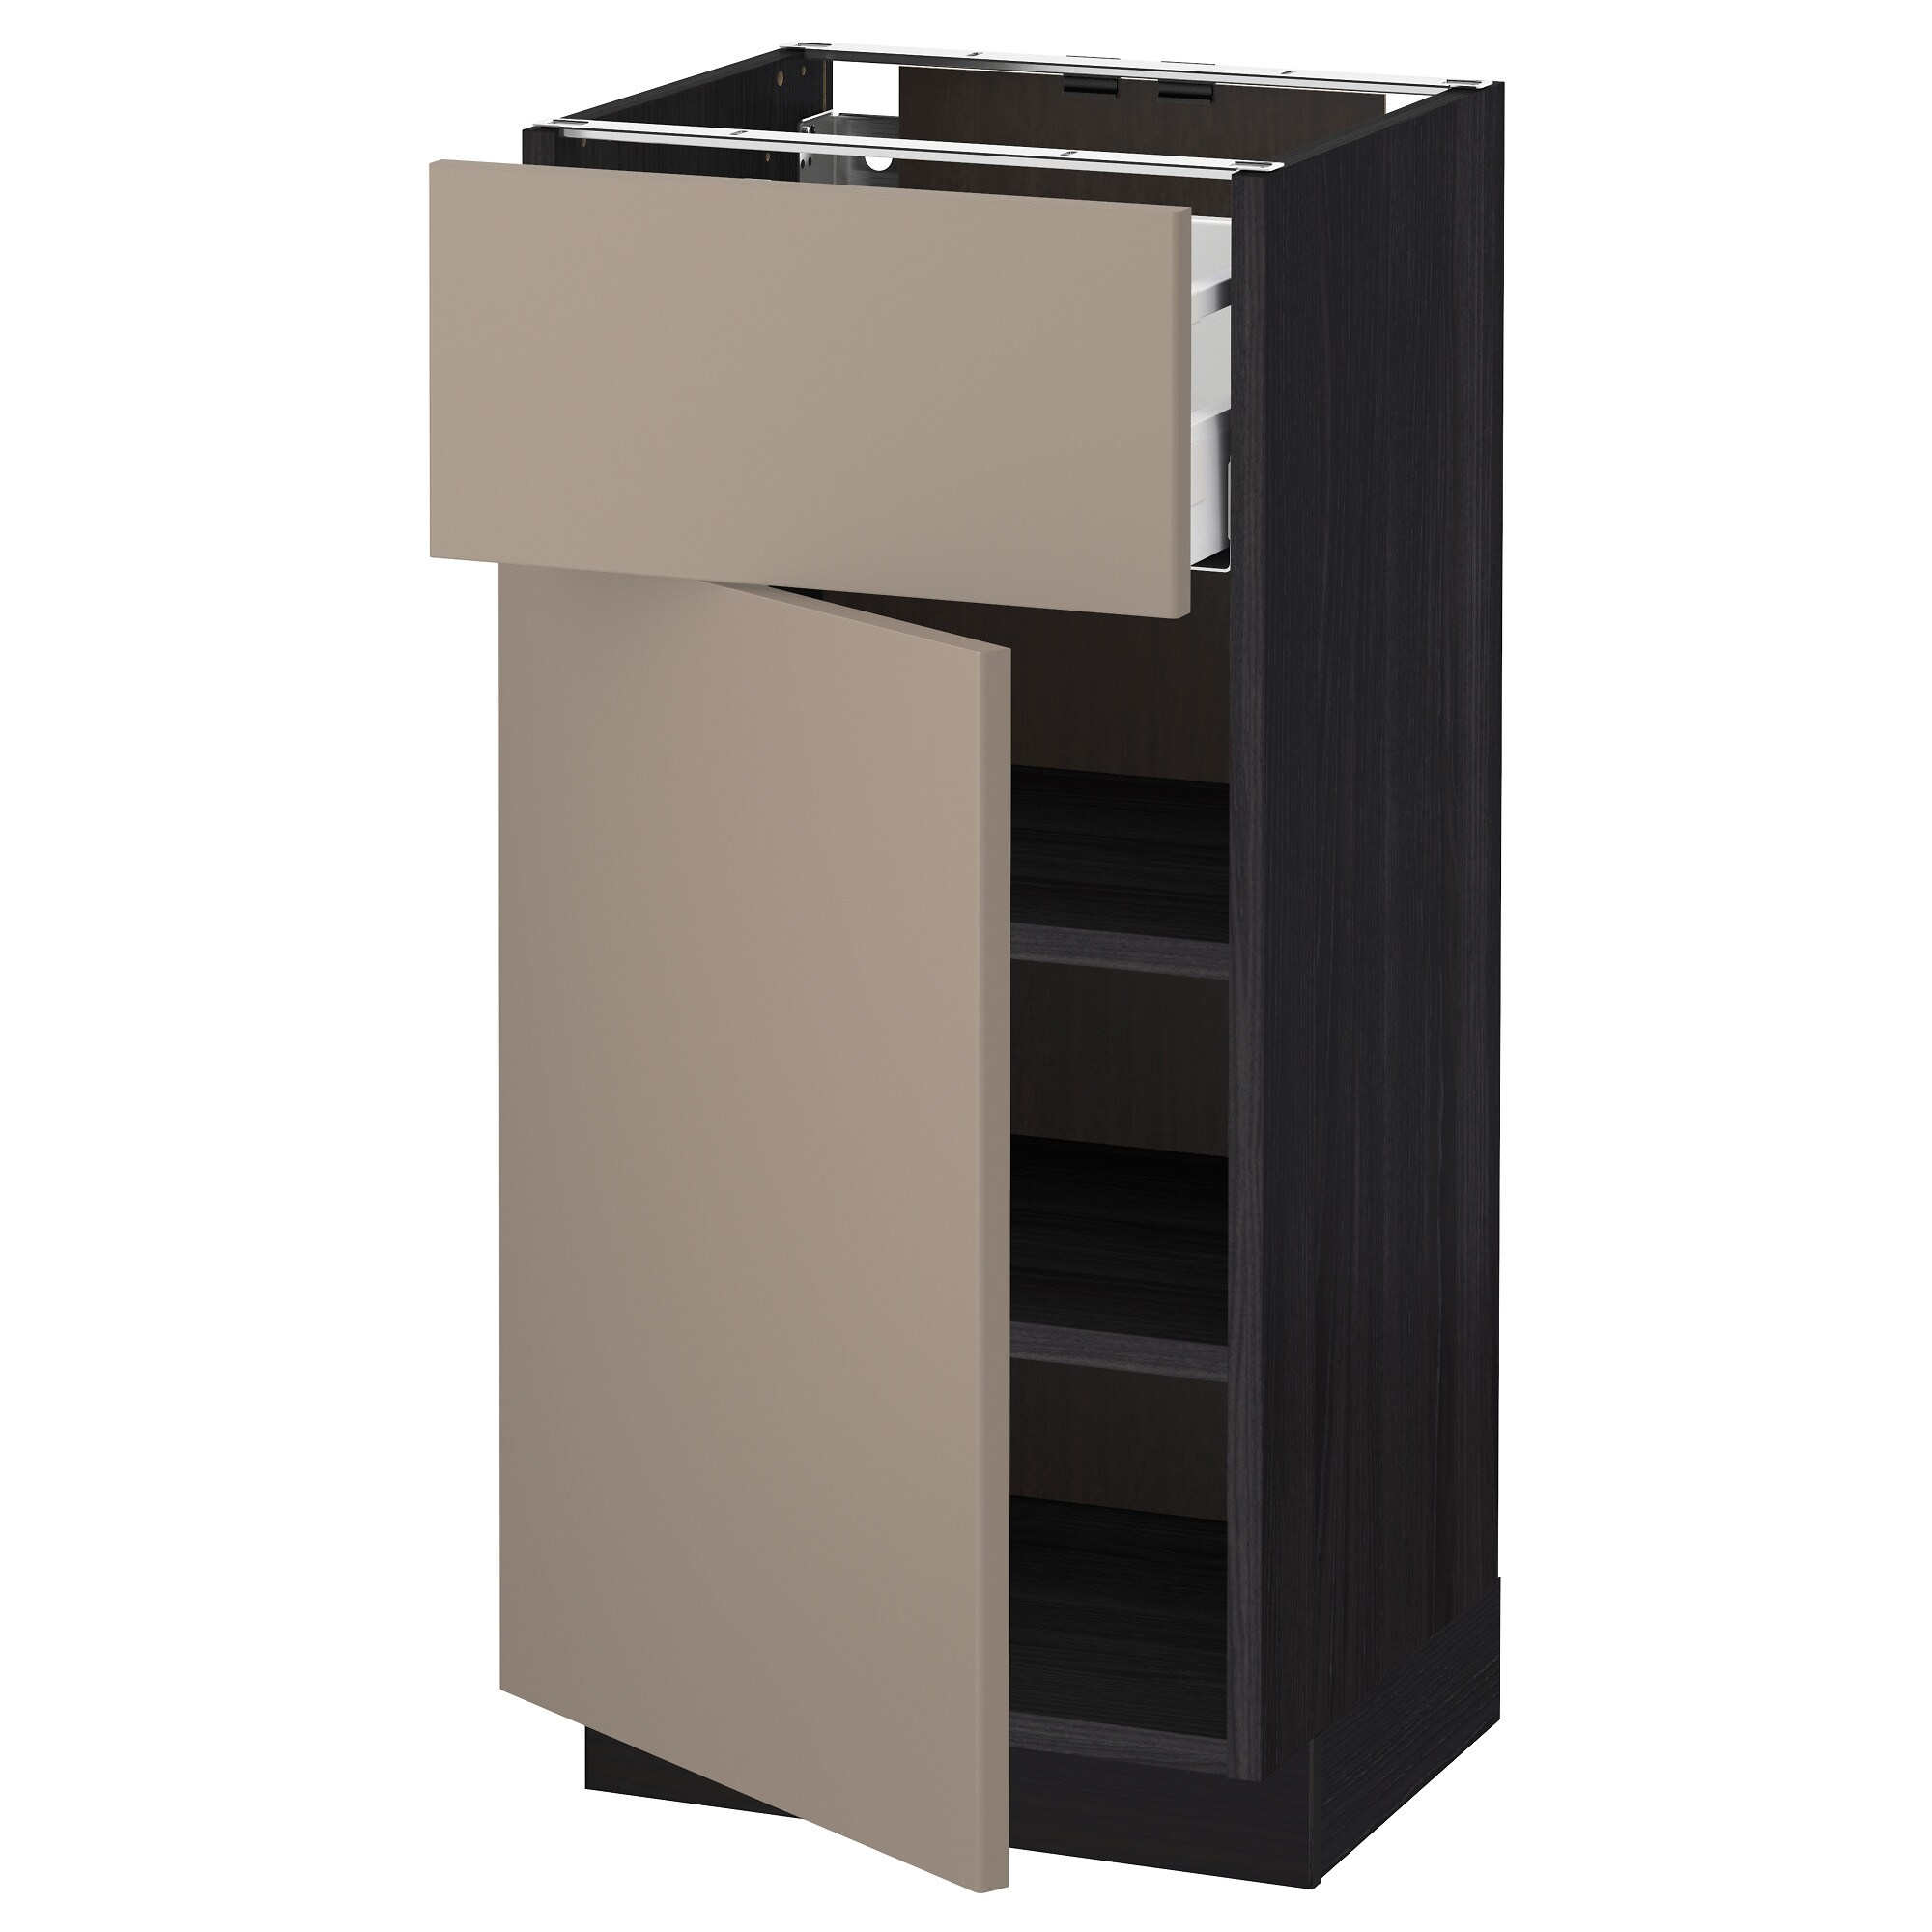 Full Size of Ikea Unterschrank Metod Küche Kosten Bad Betten 160x200 Holz Kaufen Eckunterschrank Badezimmer Miniküche Modulküche Sofa Mit Schlaffunktion Bei Wohnzimmer Ikea Unterschrank